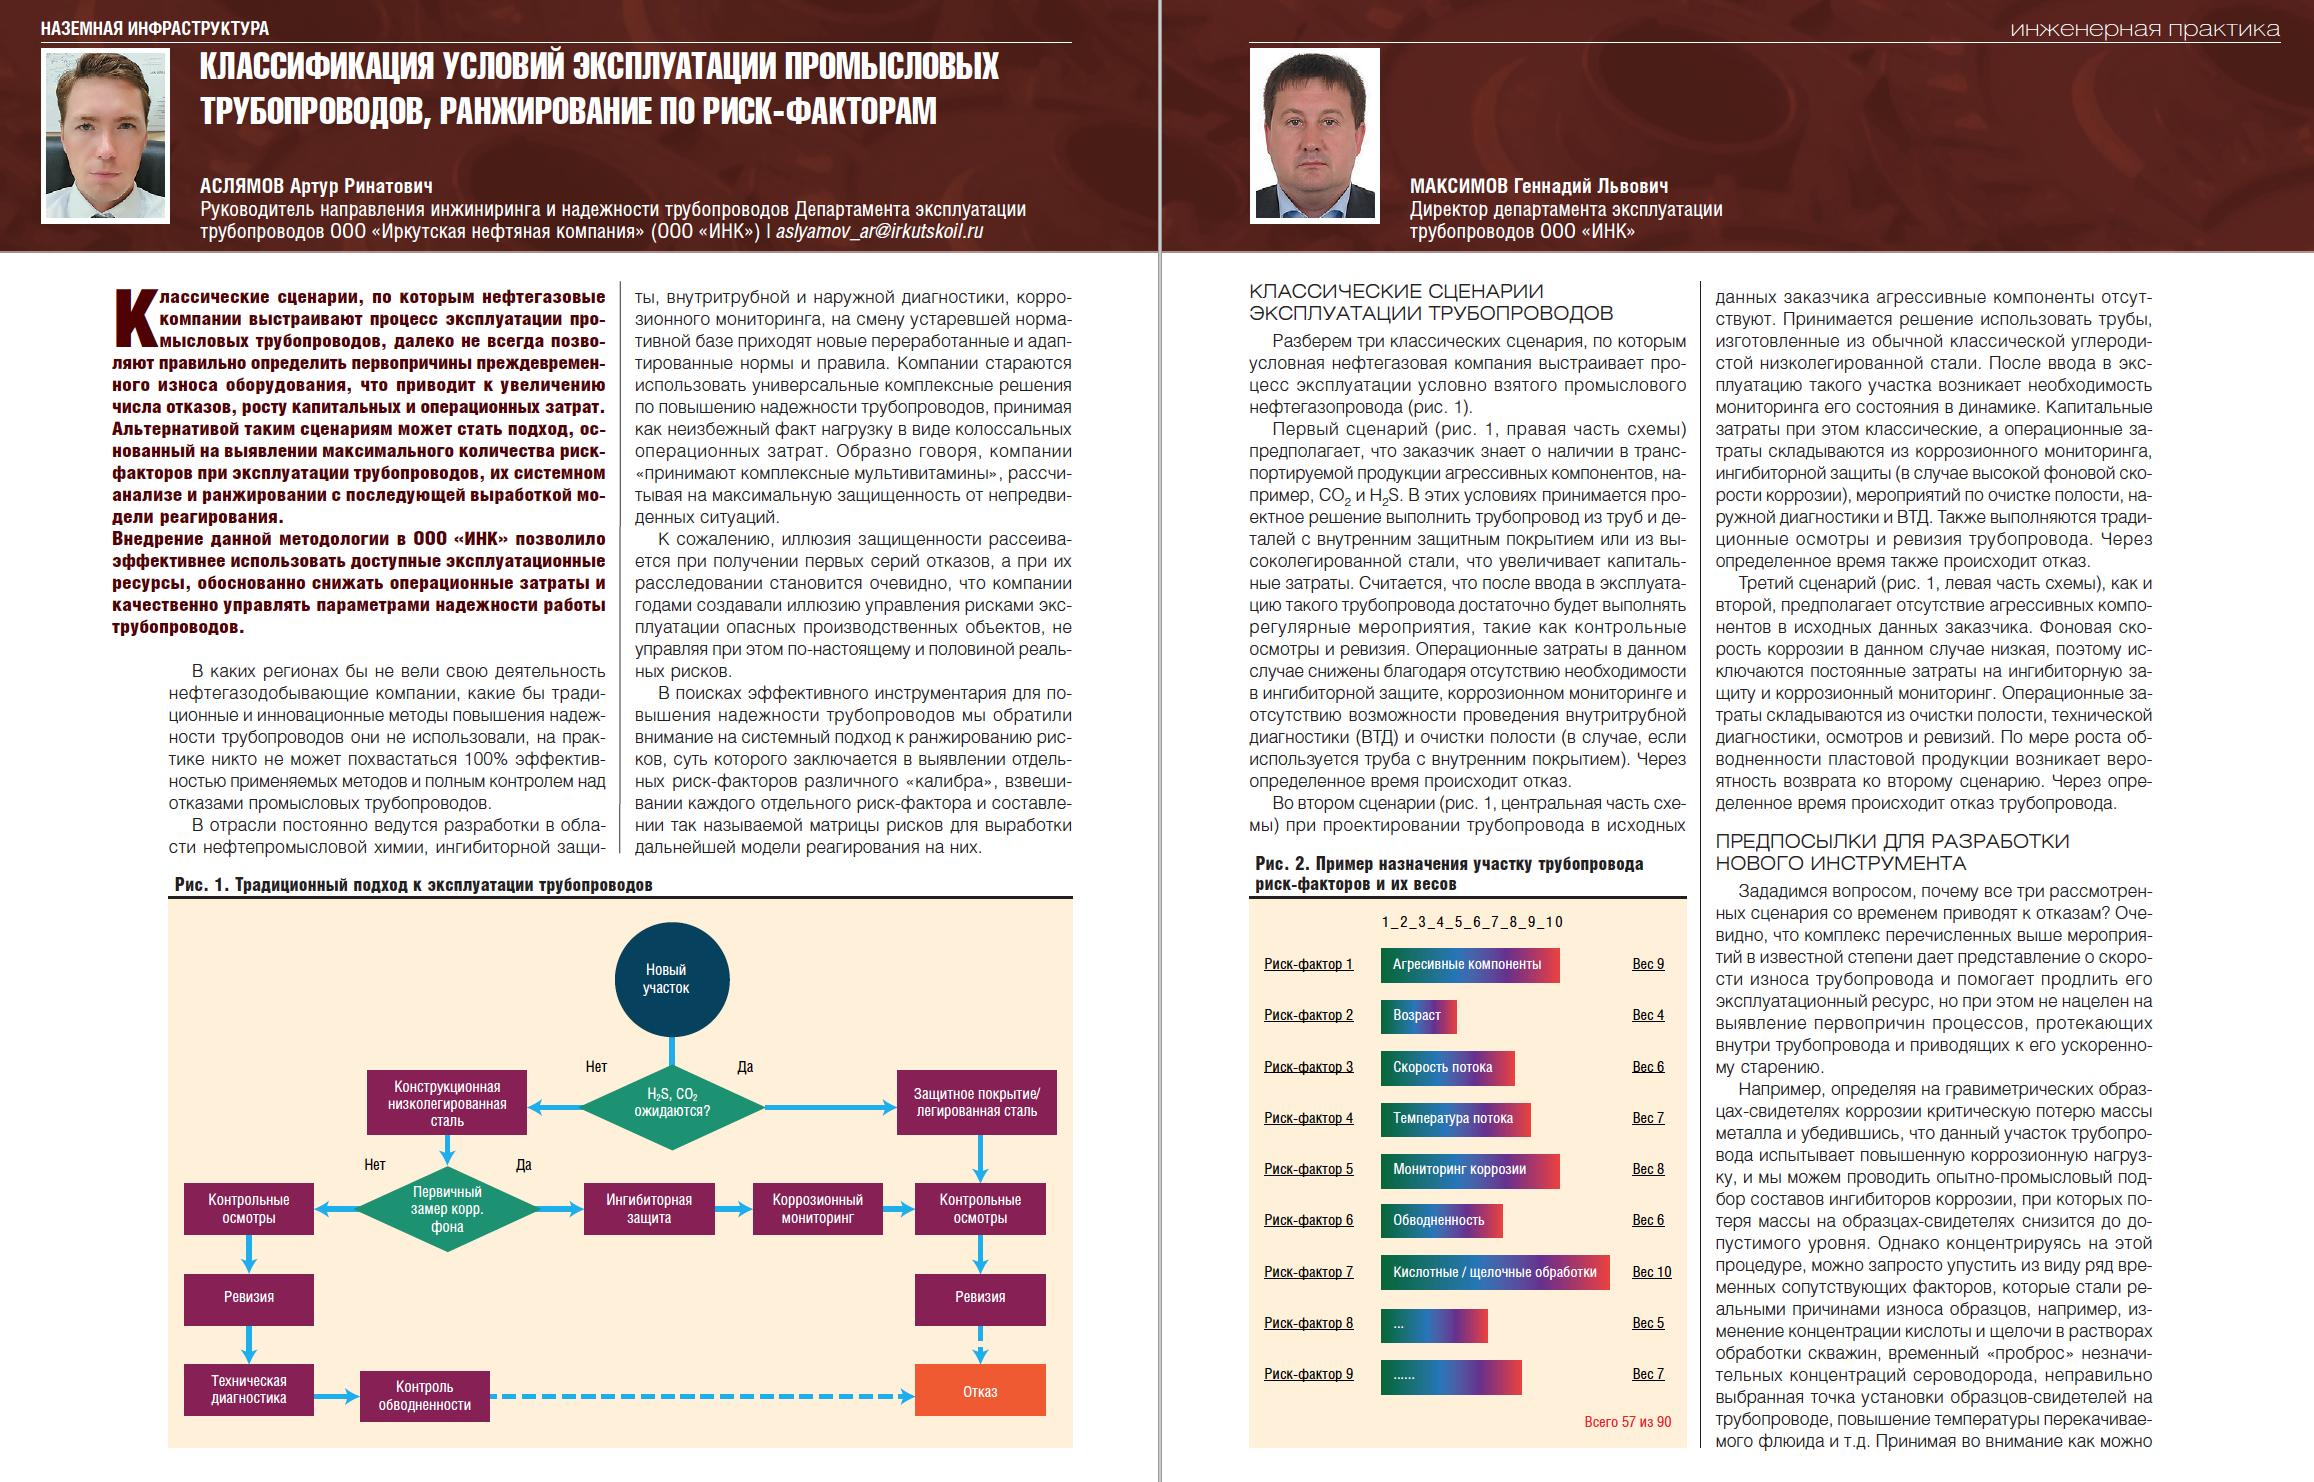 29679 Классификация условий эксплуатации промысловых трубопроводов, ранжирование по риск-факторам